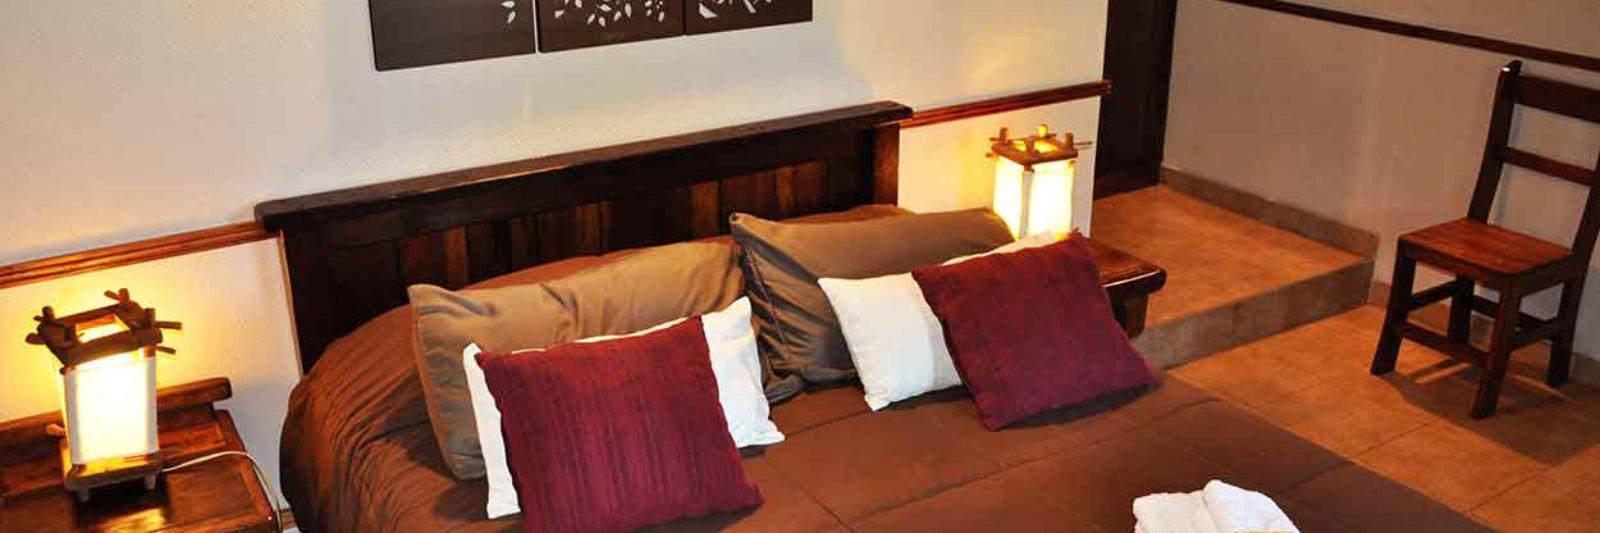 hospedaje en El Soberbio - Puro Moconá Lodge